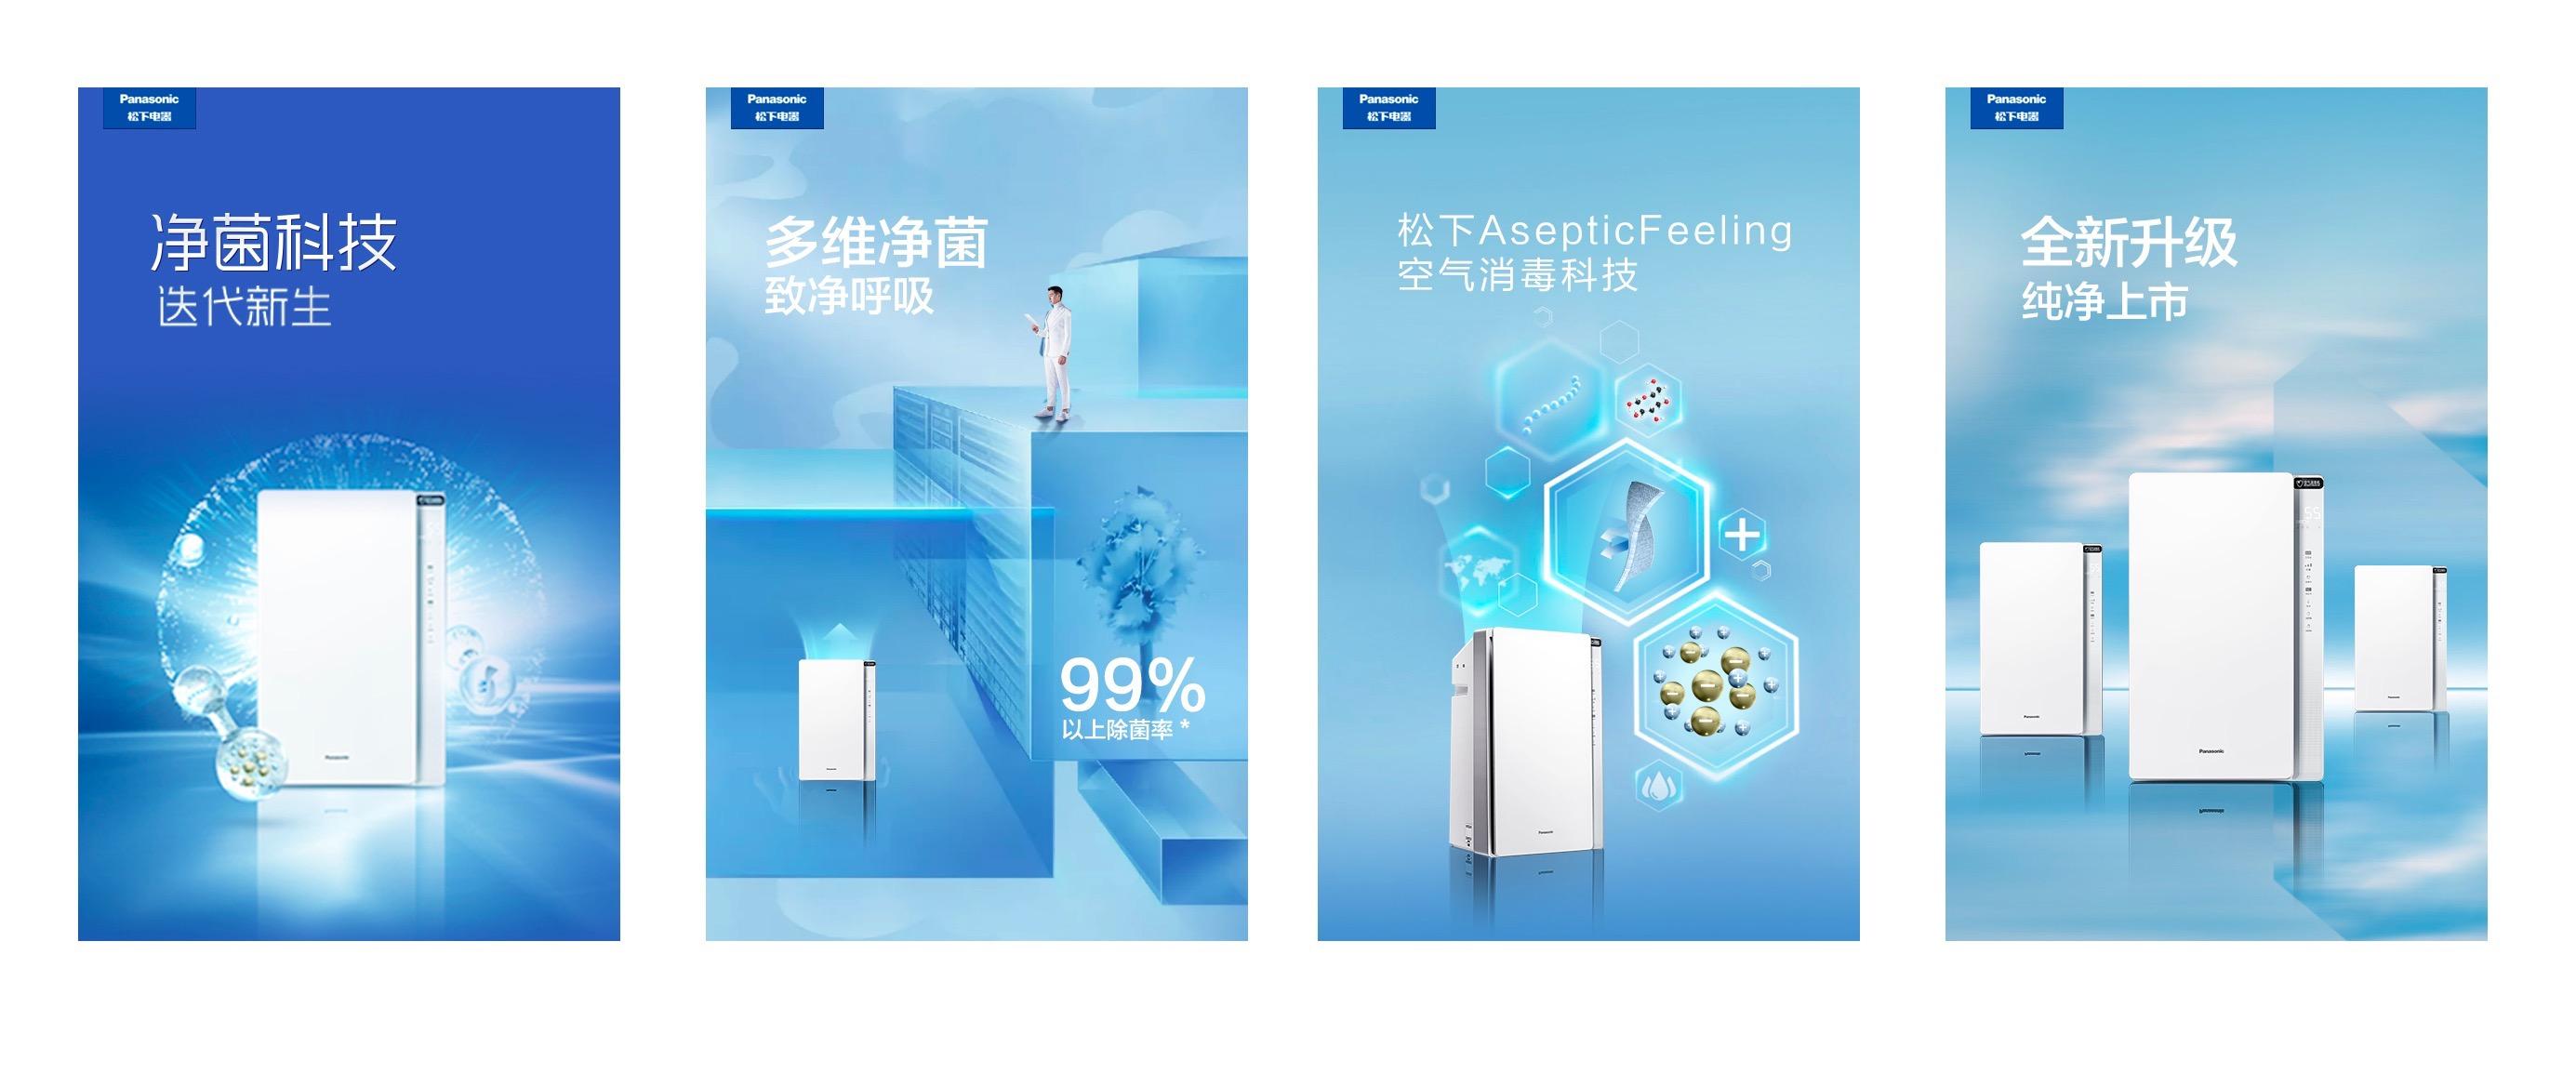 """除菌率高达99%!这款松下空气消毒机新品简直就是呼吸的""""守护天使"""""""